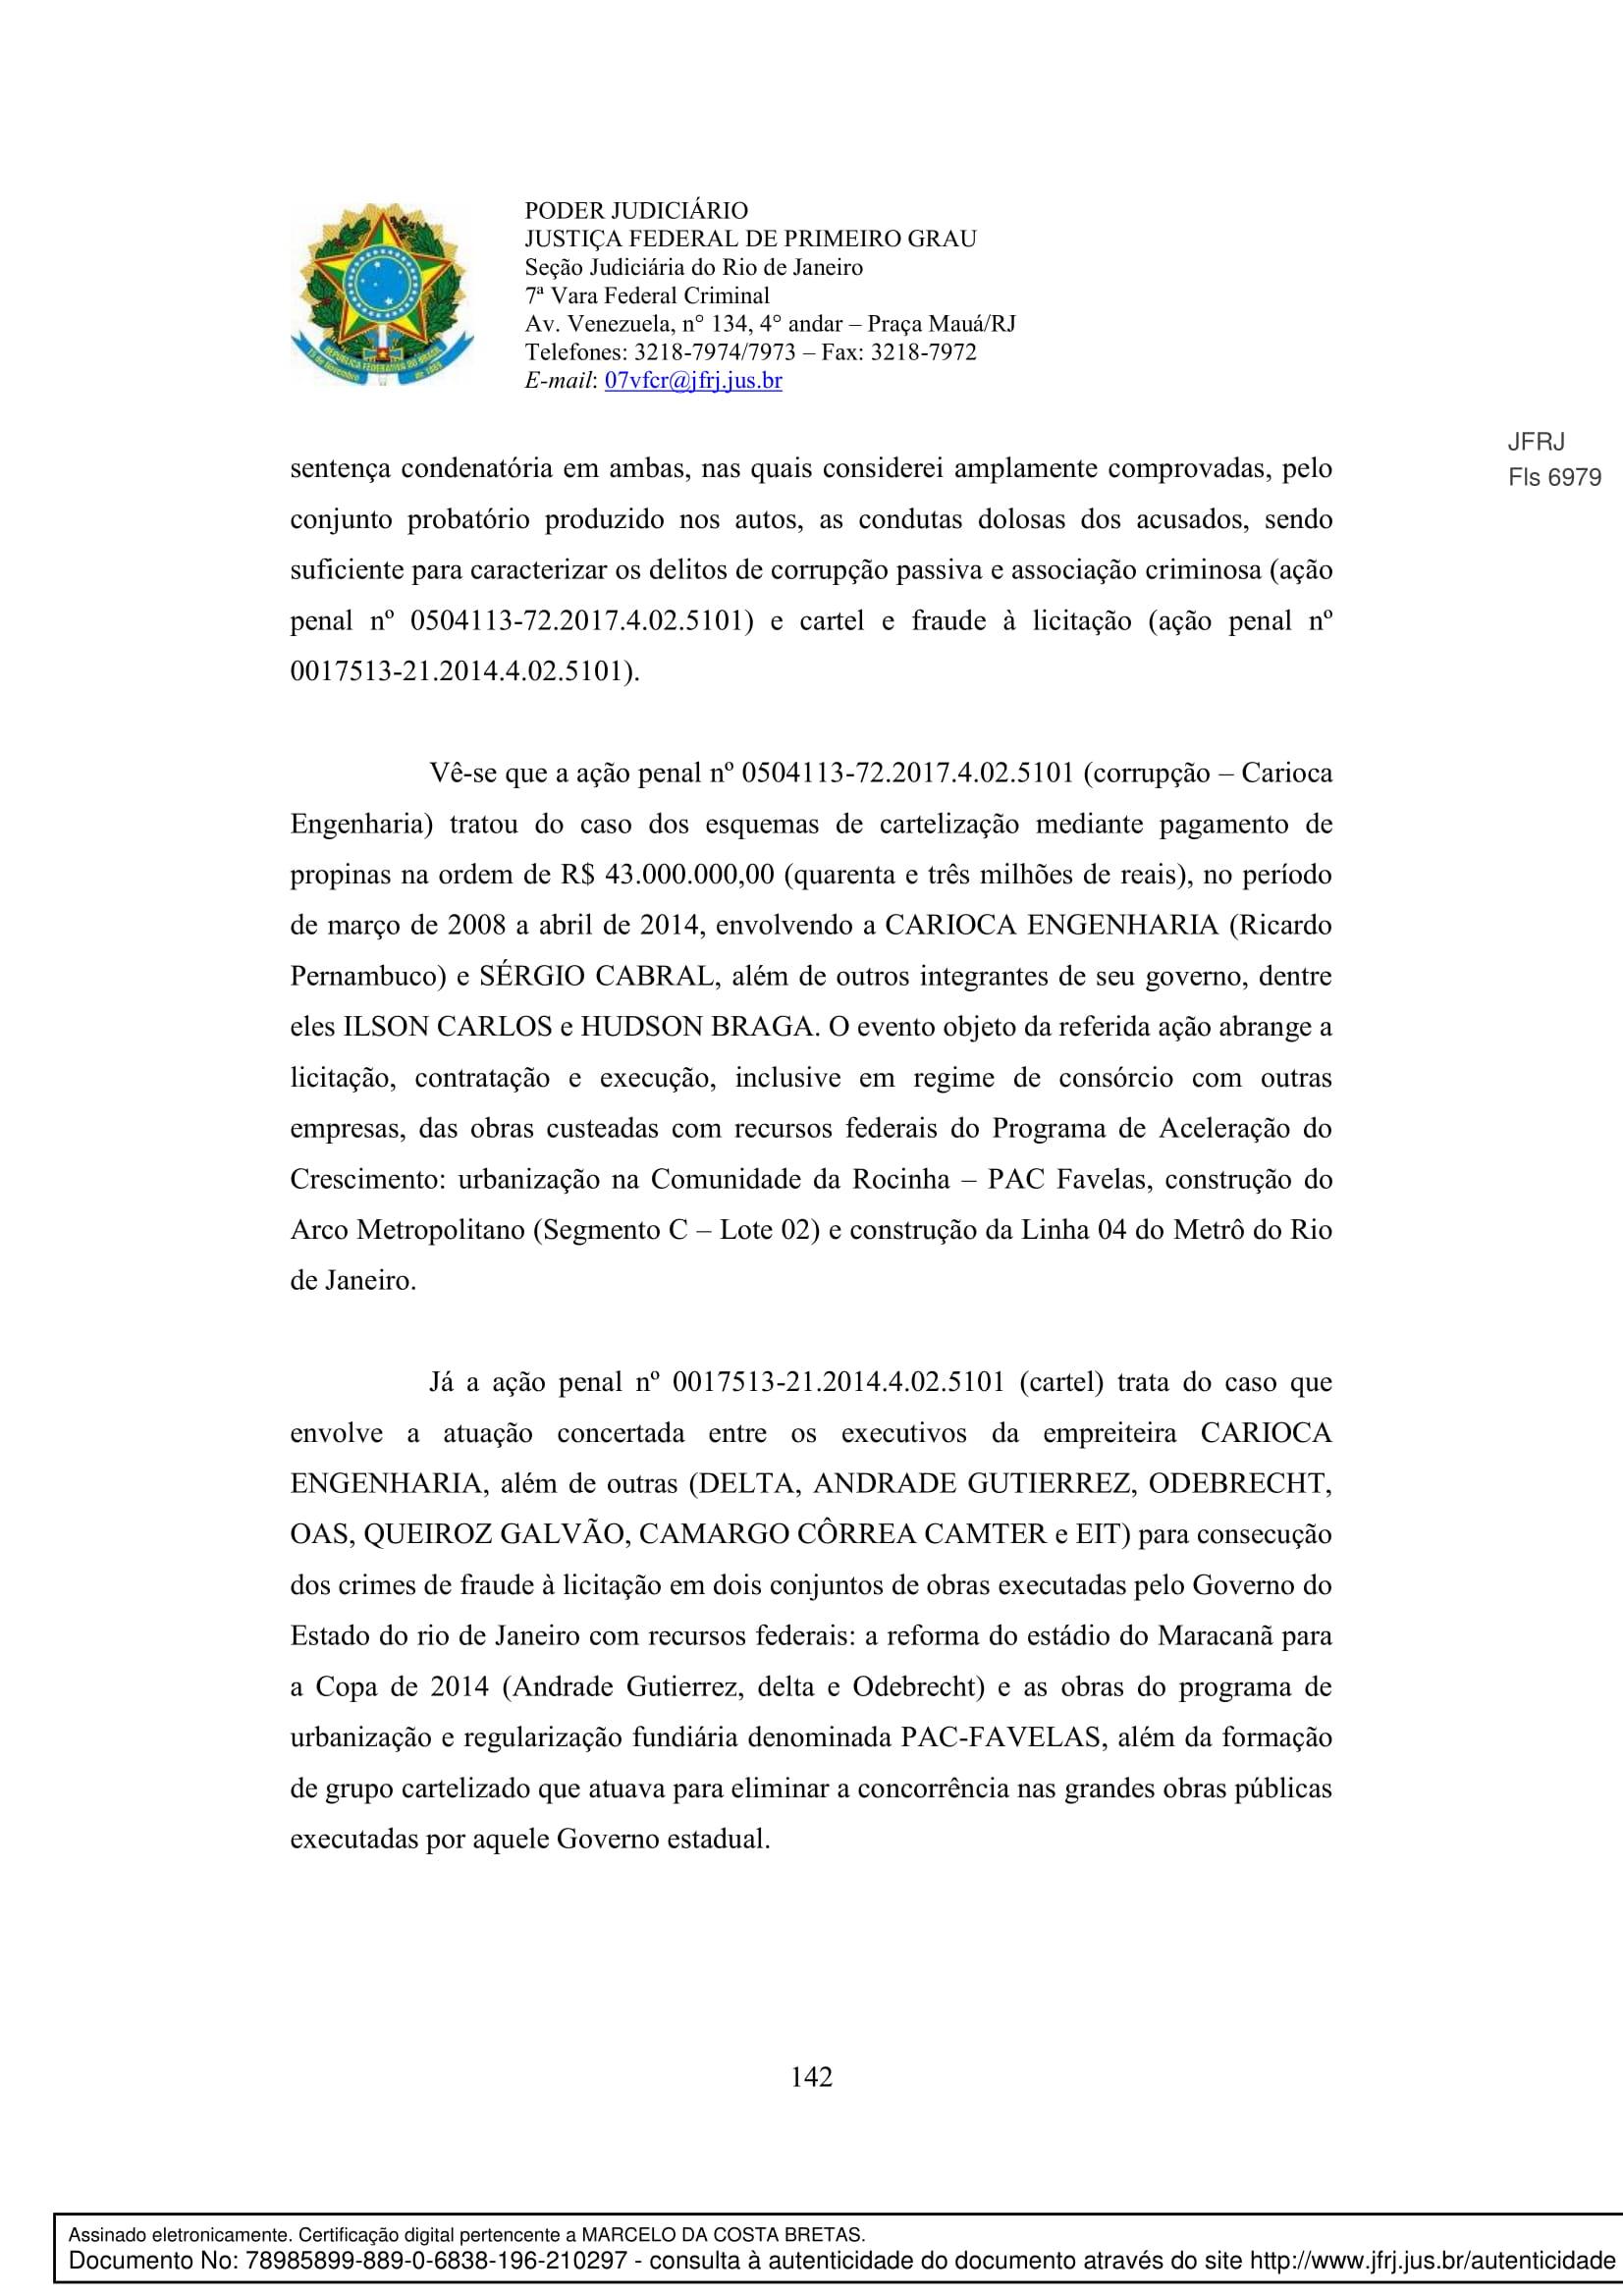 Sentenca-Cadeia-Velha-7VFC-142